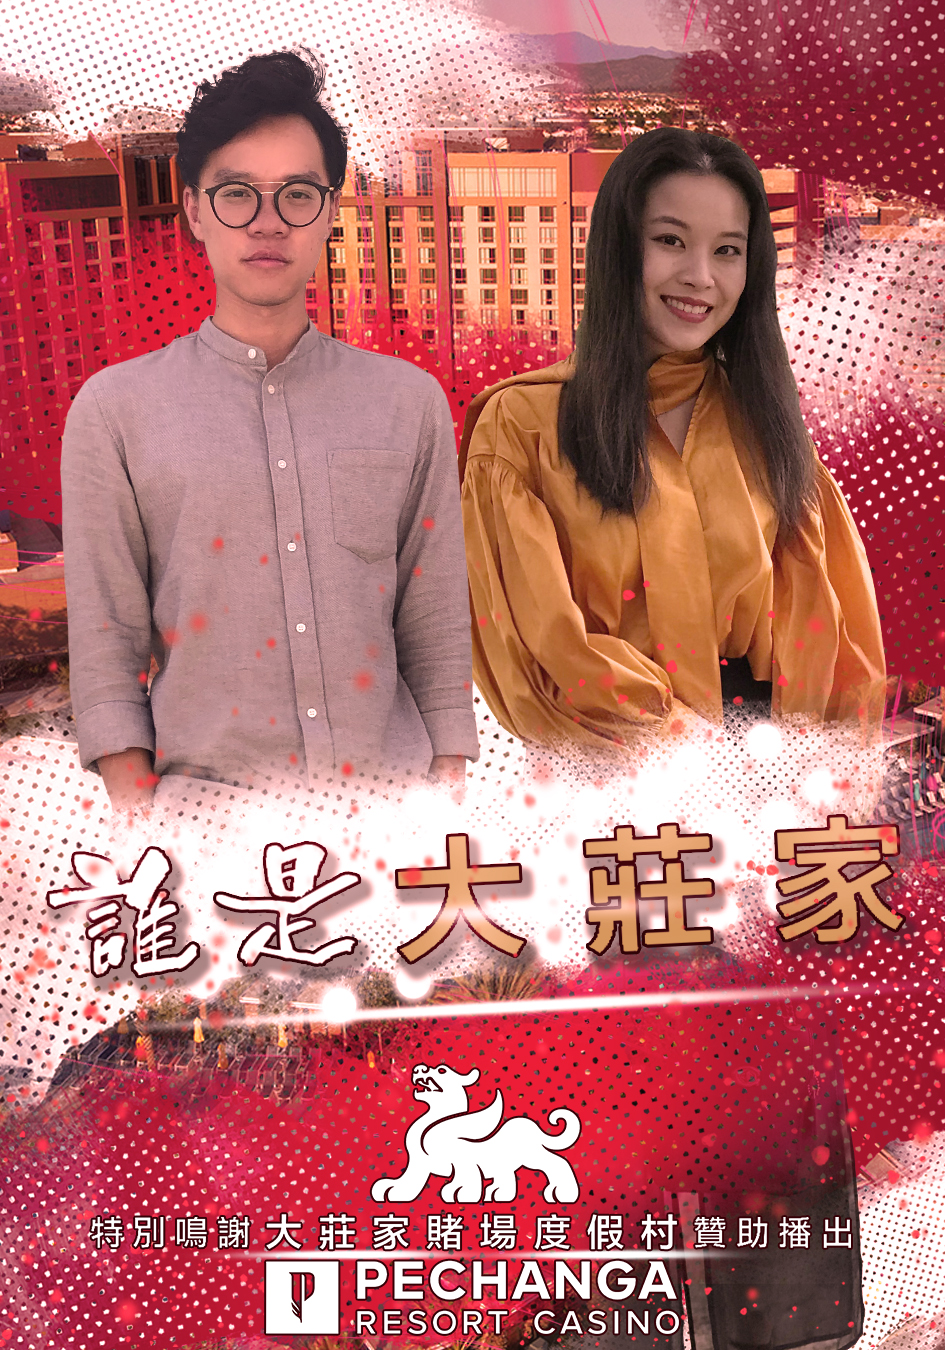 誰是大莊家-Pechanga 2019